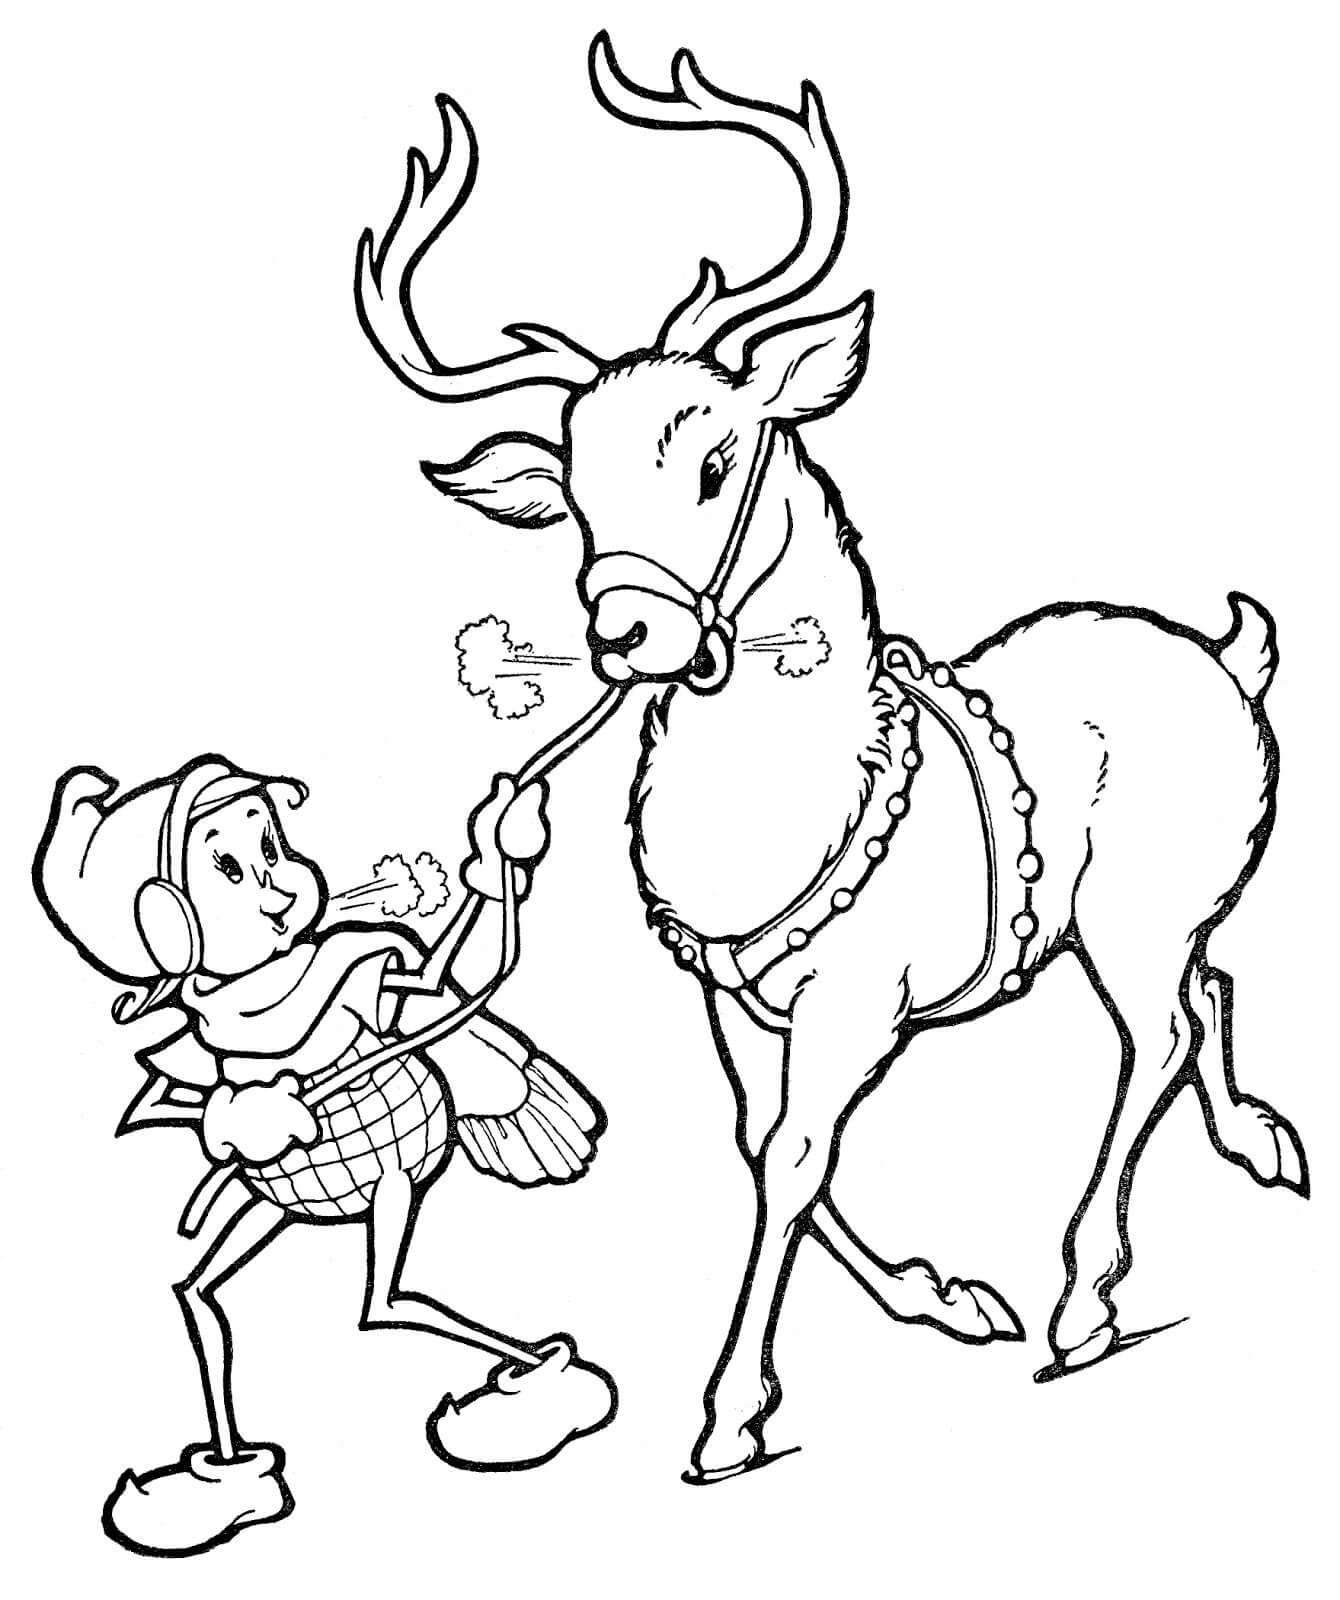 Dibujos de renos de navidad para Colorear - Imágenes para Pintar